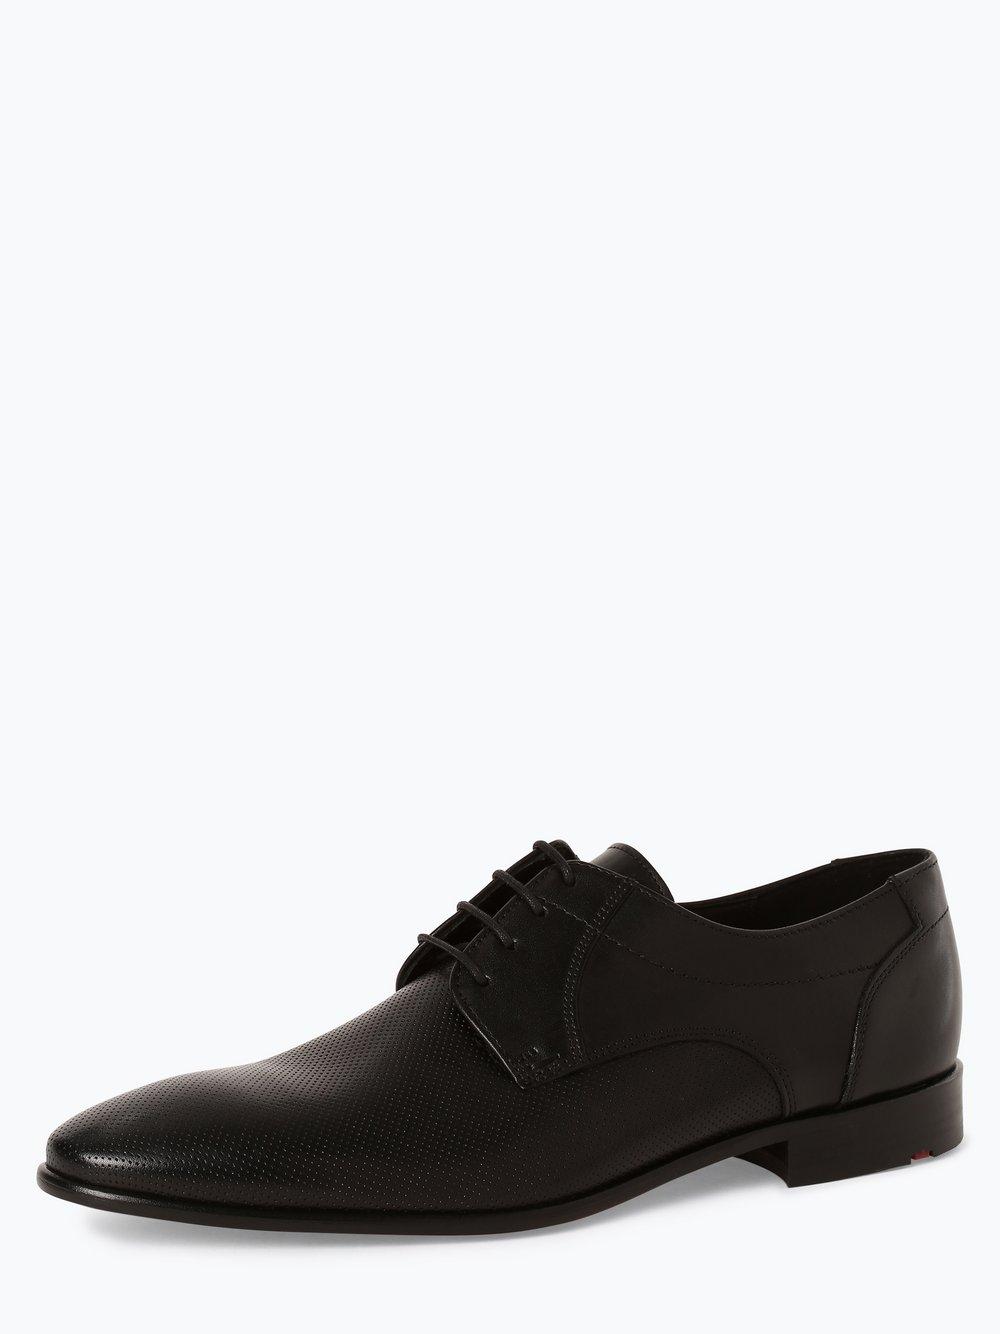 Lloyd – Męskie buty sznurowane ze skóry – Maine, czarny Van Graaf 449136-0001